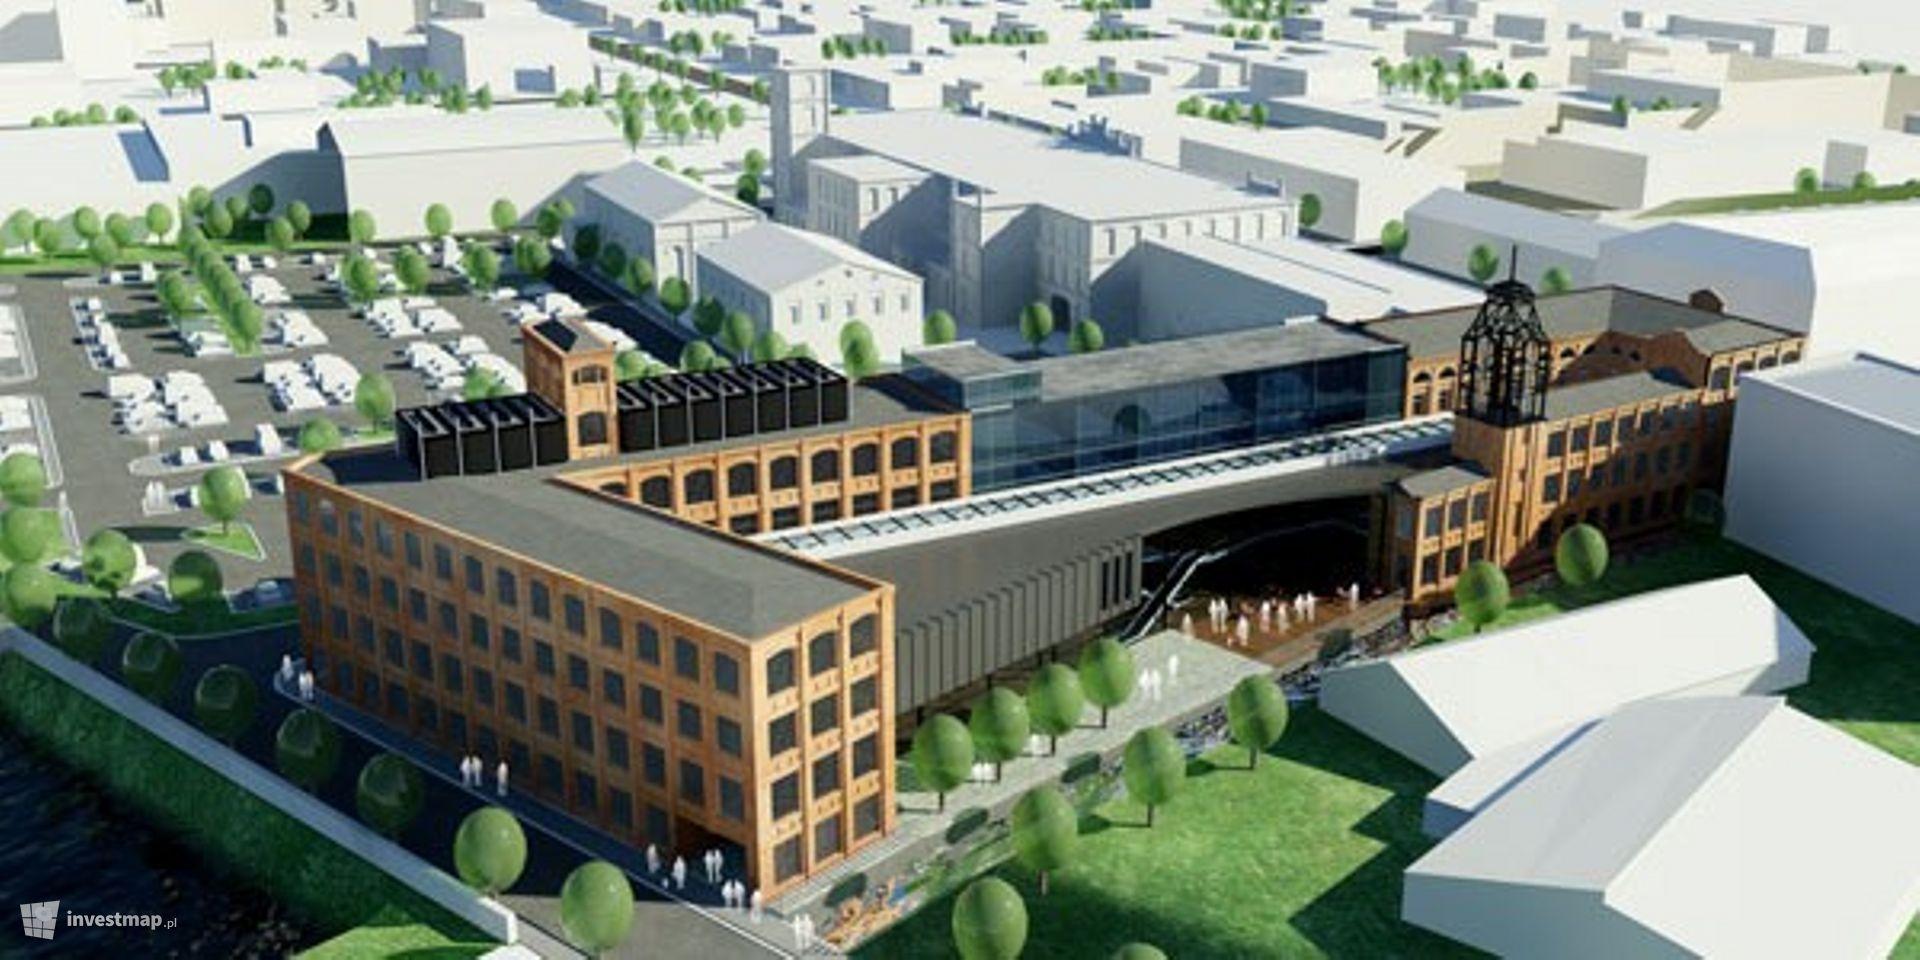 Kompleks handlowo-biznesowo-hotelowy Centrum  Fabryka